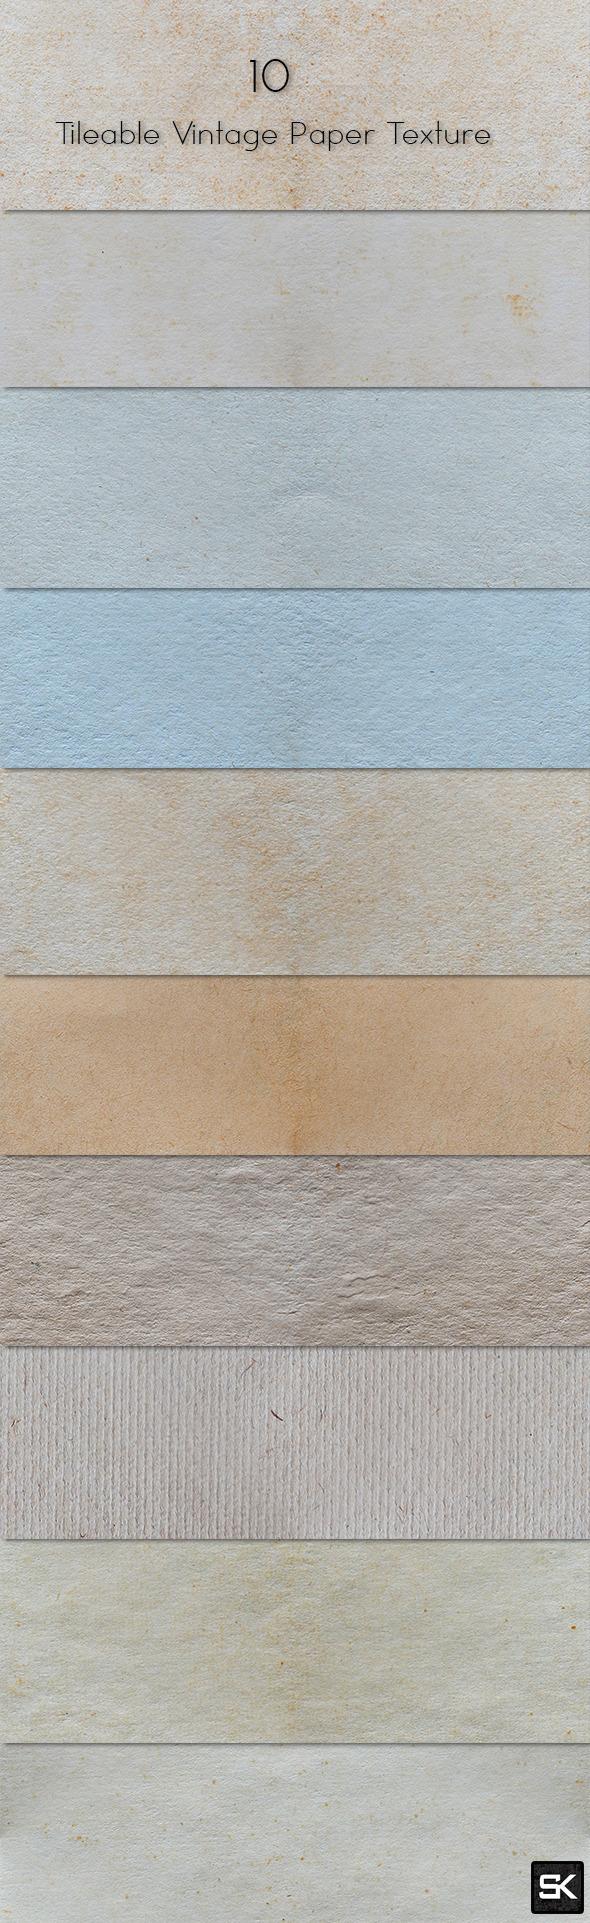 10 Tileable Vintage Paper Texture - Miscellaneous Textures / Fills / Patterns